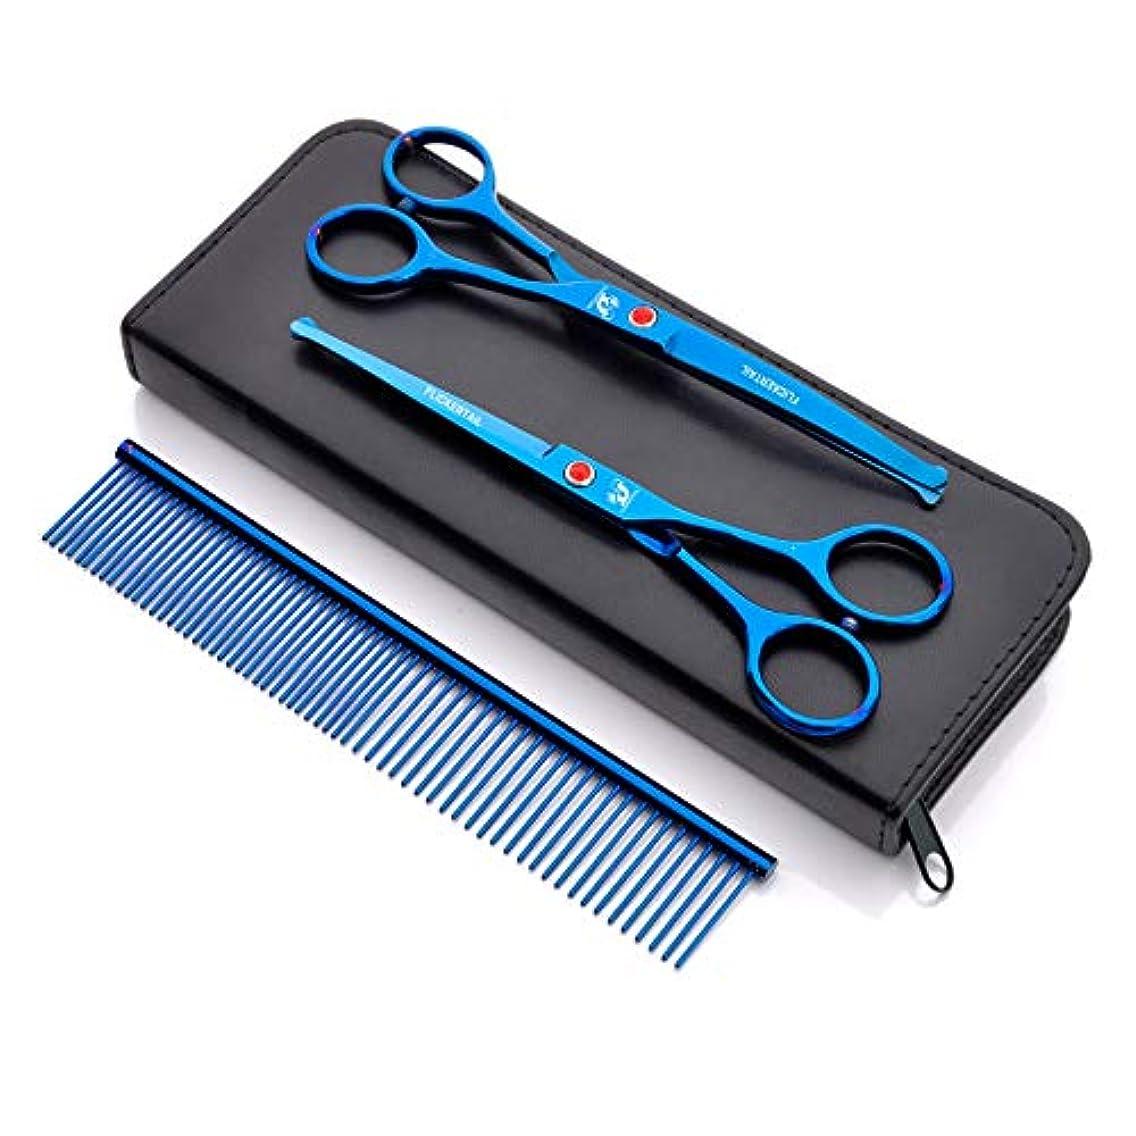 集中戦うひらめきラウンドヘッドペットの髪カットはさみ、プロのペットグルーミング精密安全はさみセット、ペットショップや個々のユーザーに適して,Blue